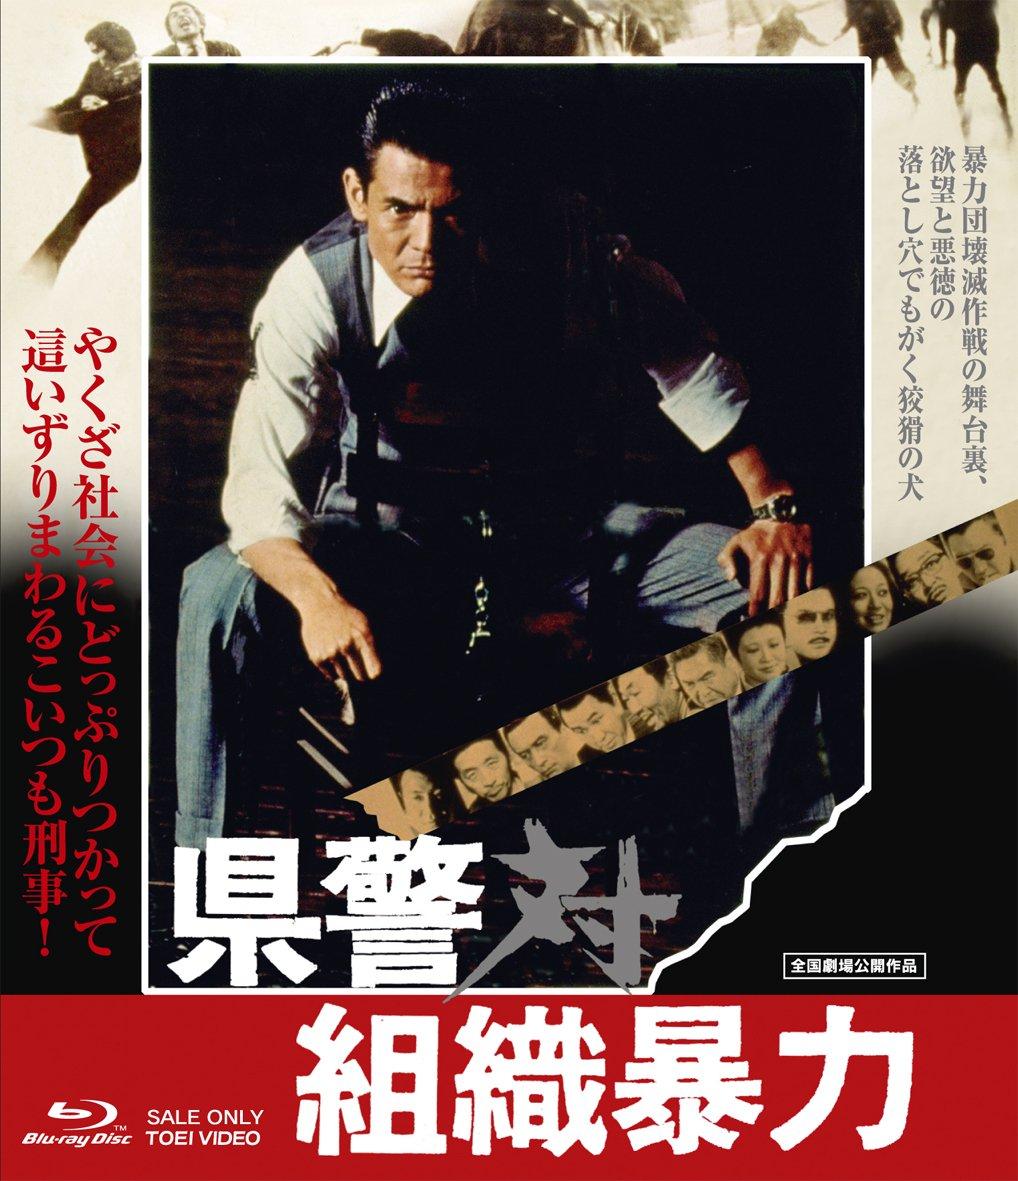 深作欣二監督の県警対組織暴力という映画